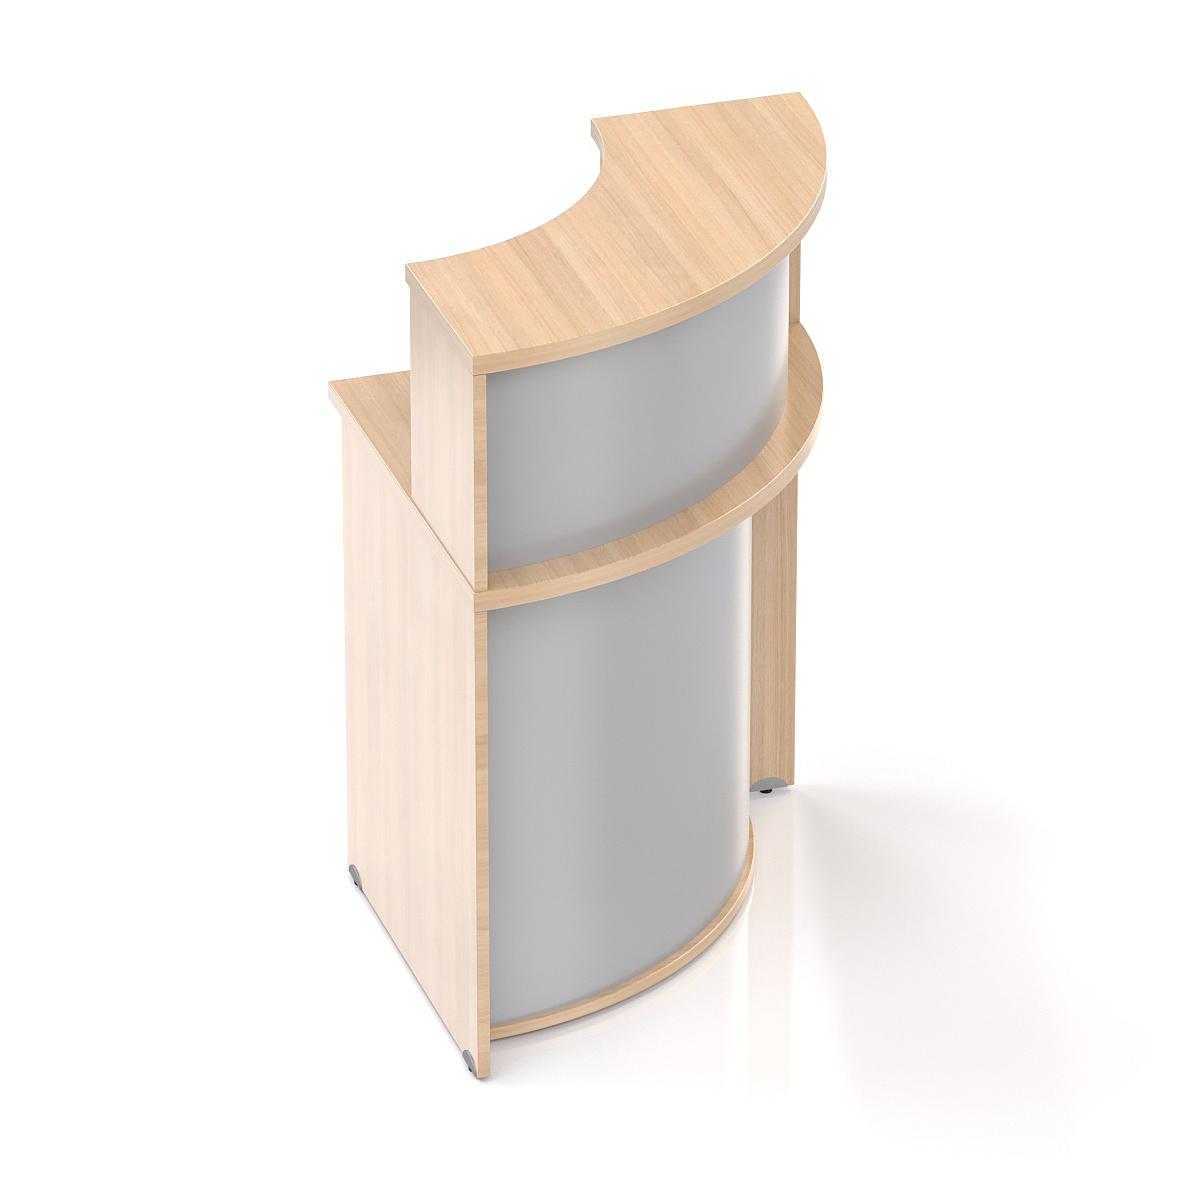 Recepční rohový pult s nástavbou Komfort, 70x70x111 cm - NLKA90 05